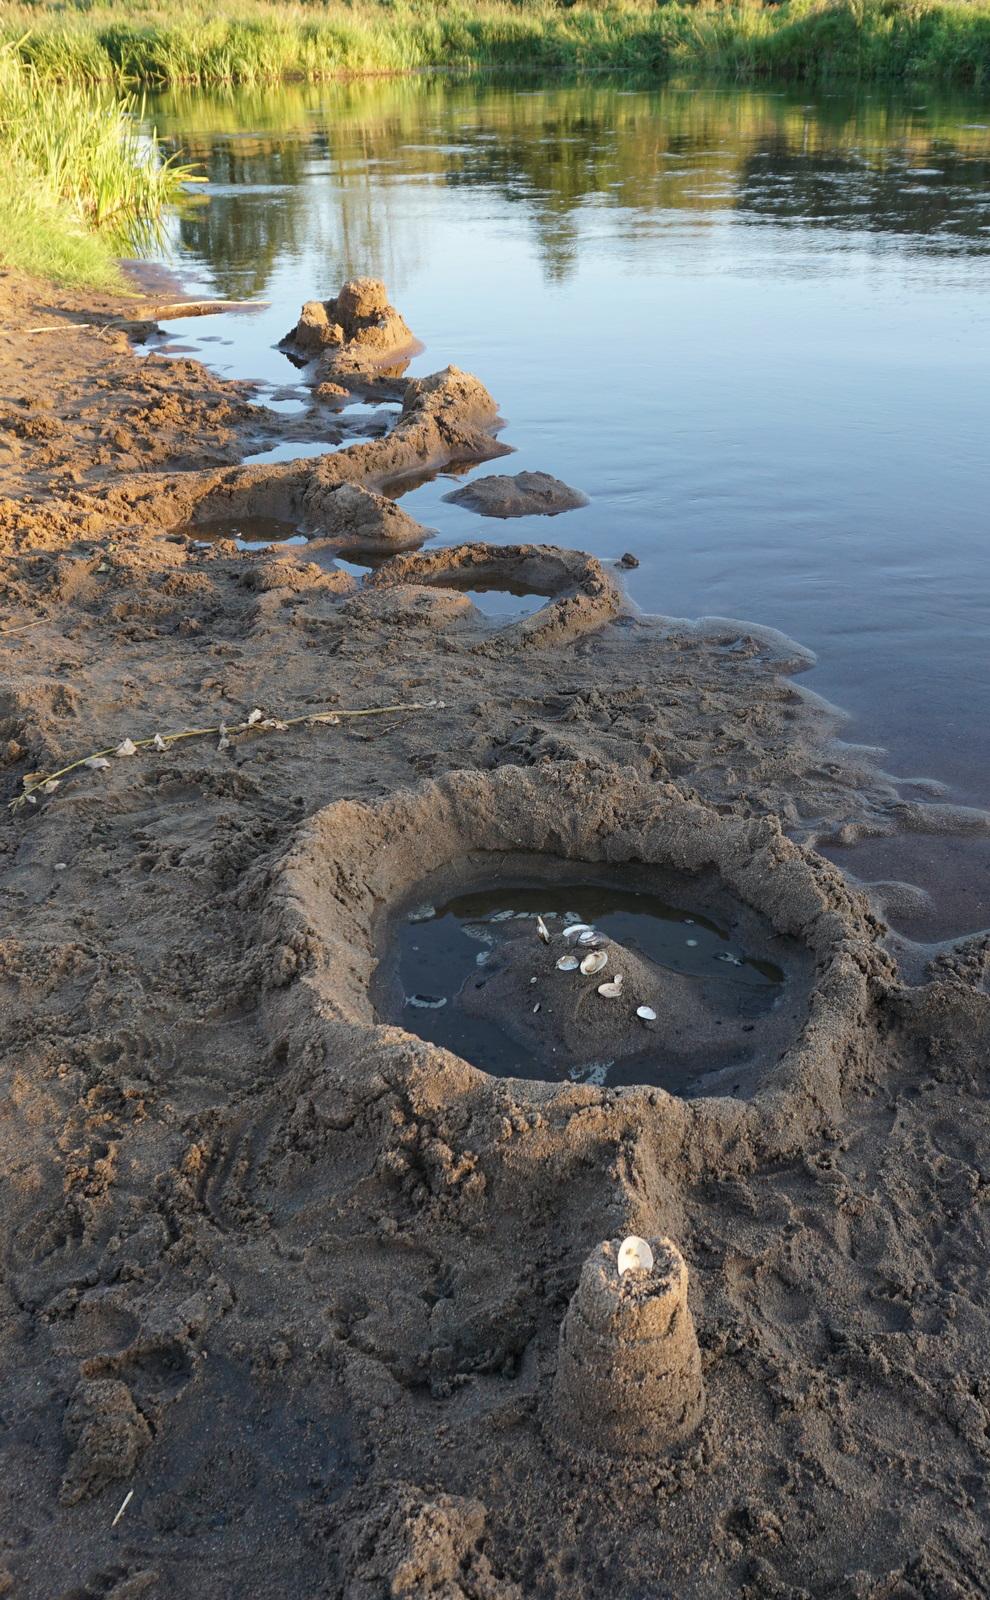 Mažytė smėlio pilis pilaitė, dekoruota kriauklelėmis, prie upės.